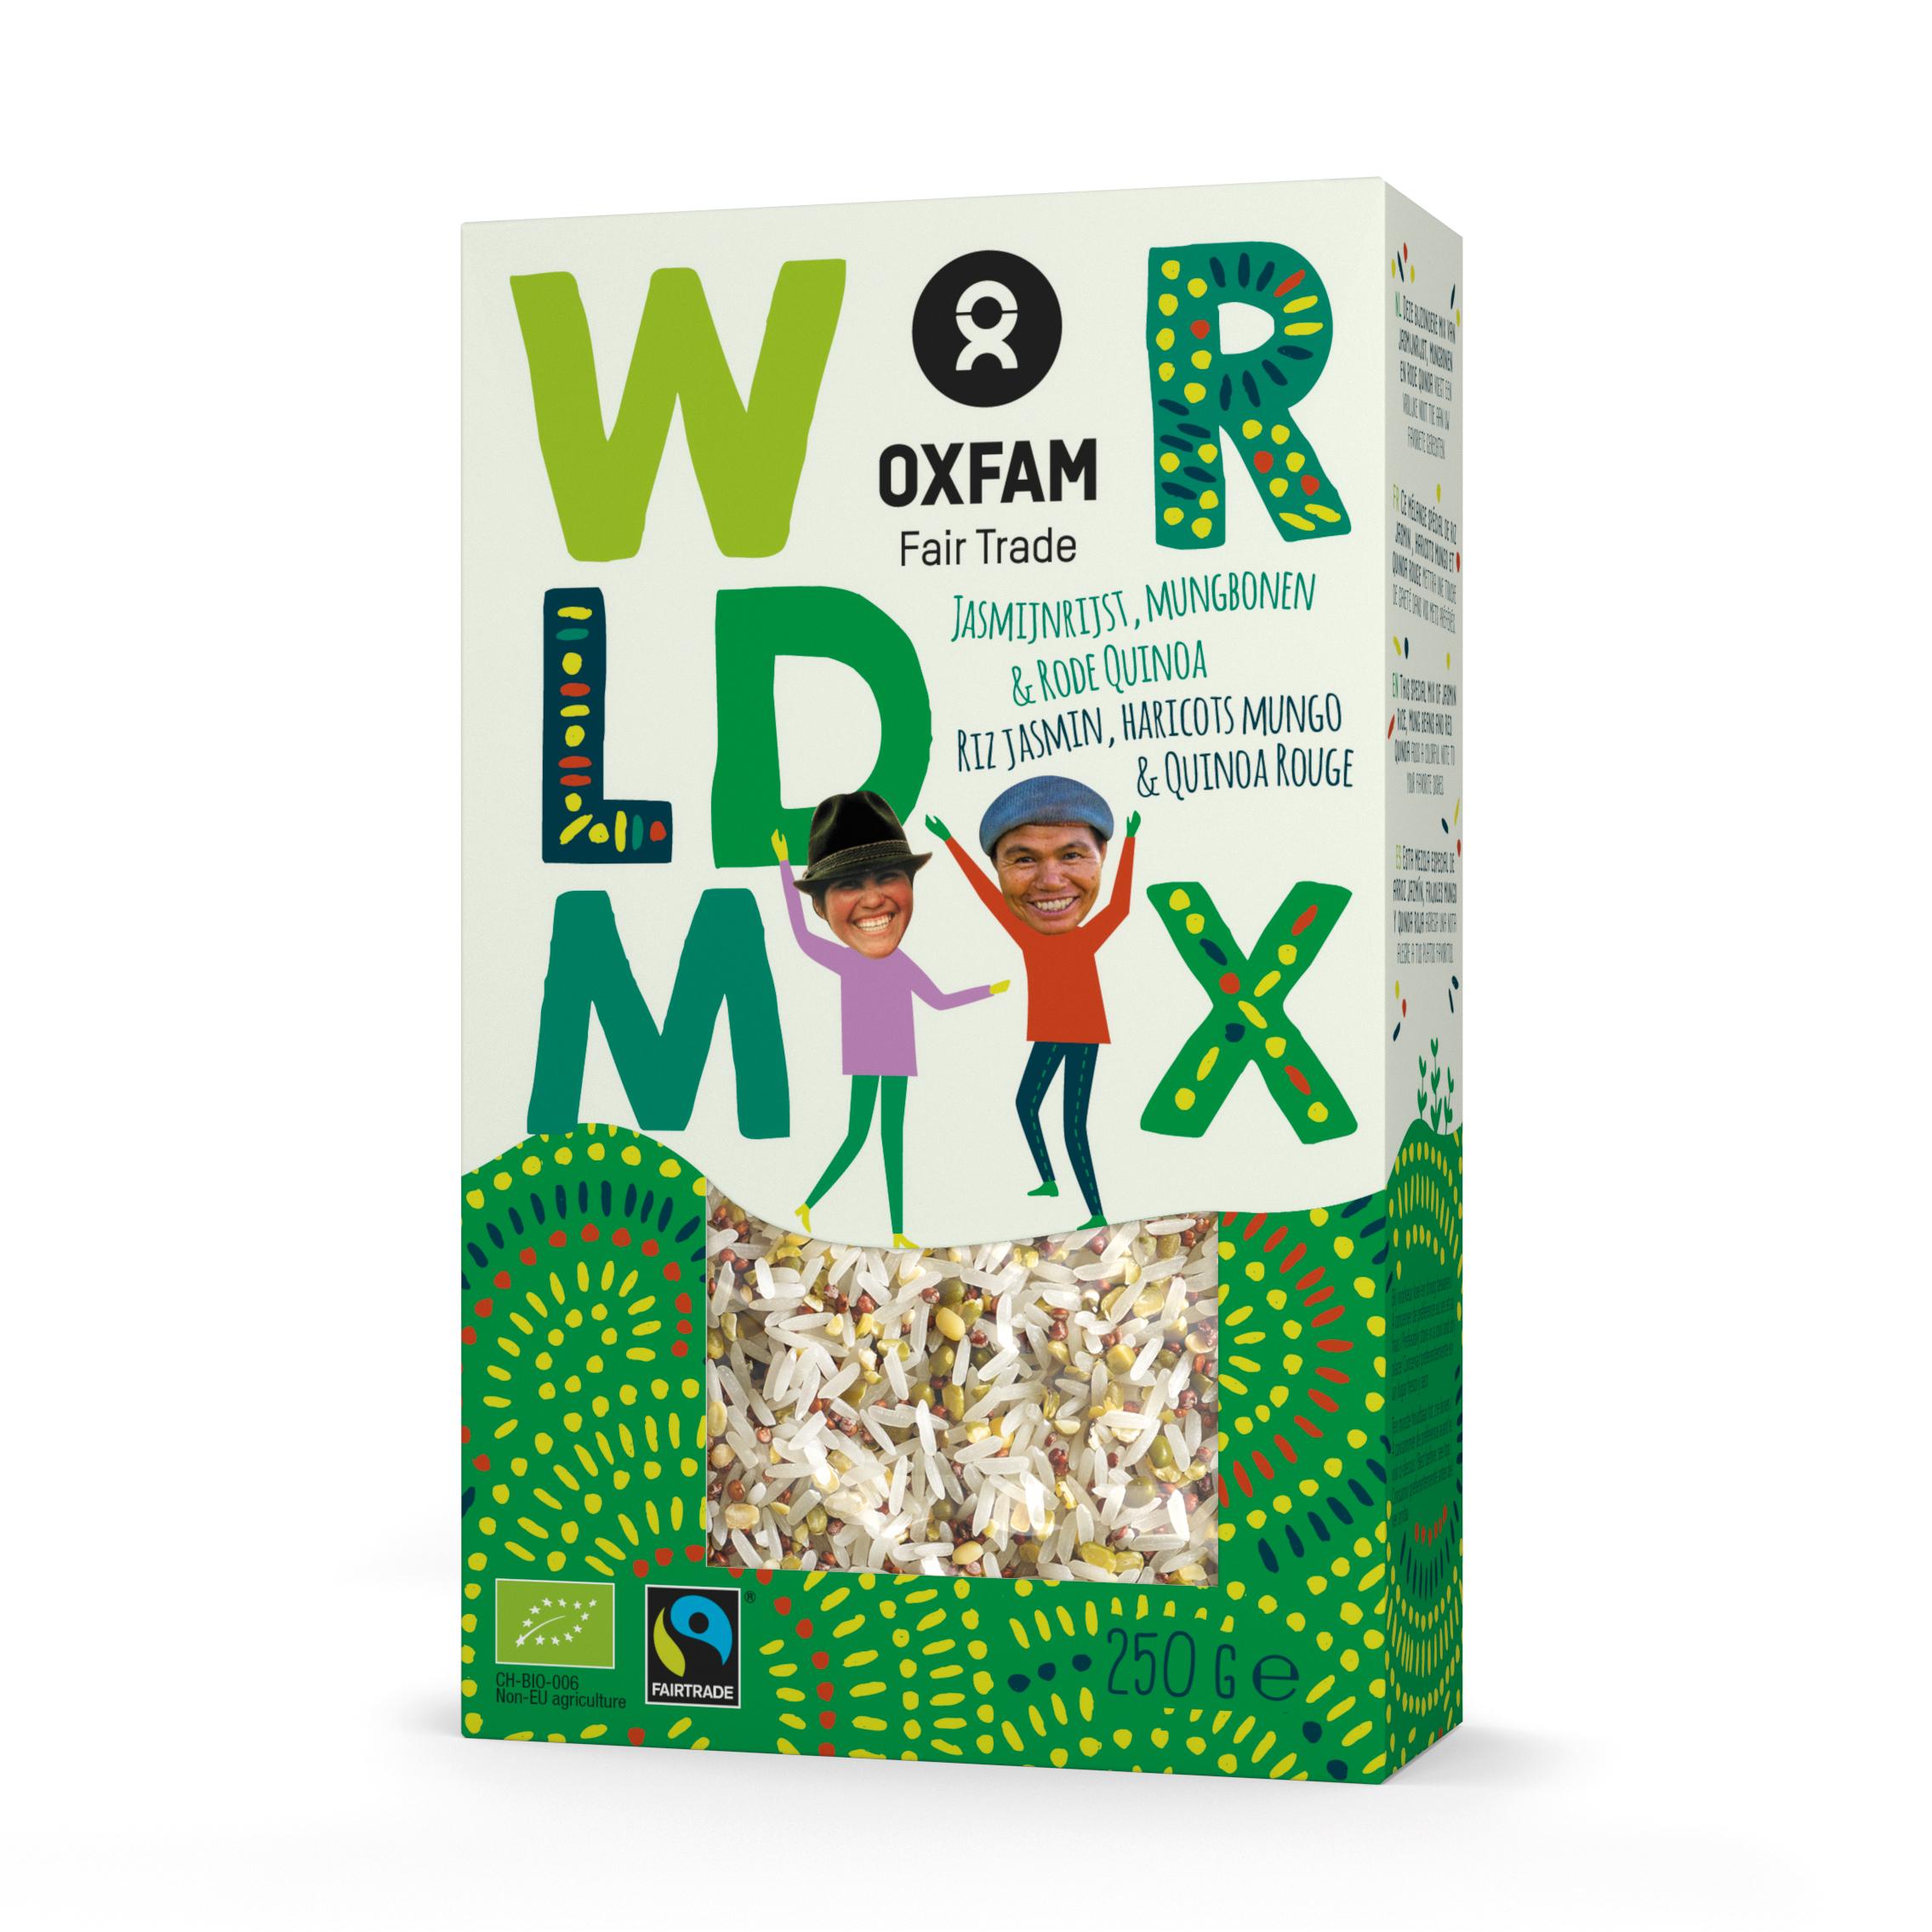 Oxfam Fair Trade 27114